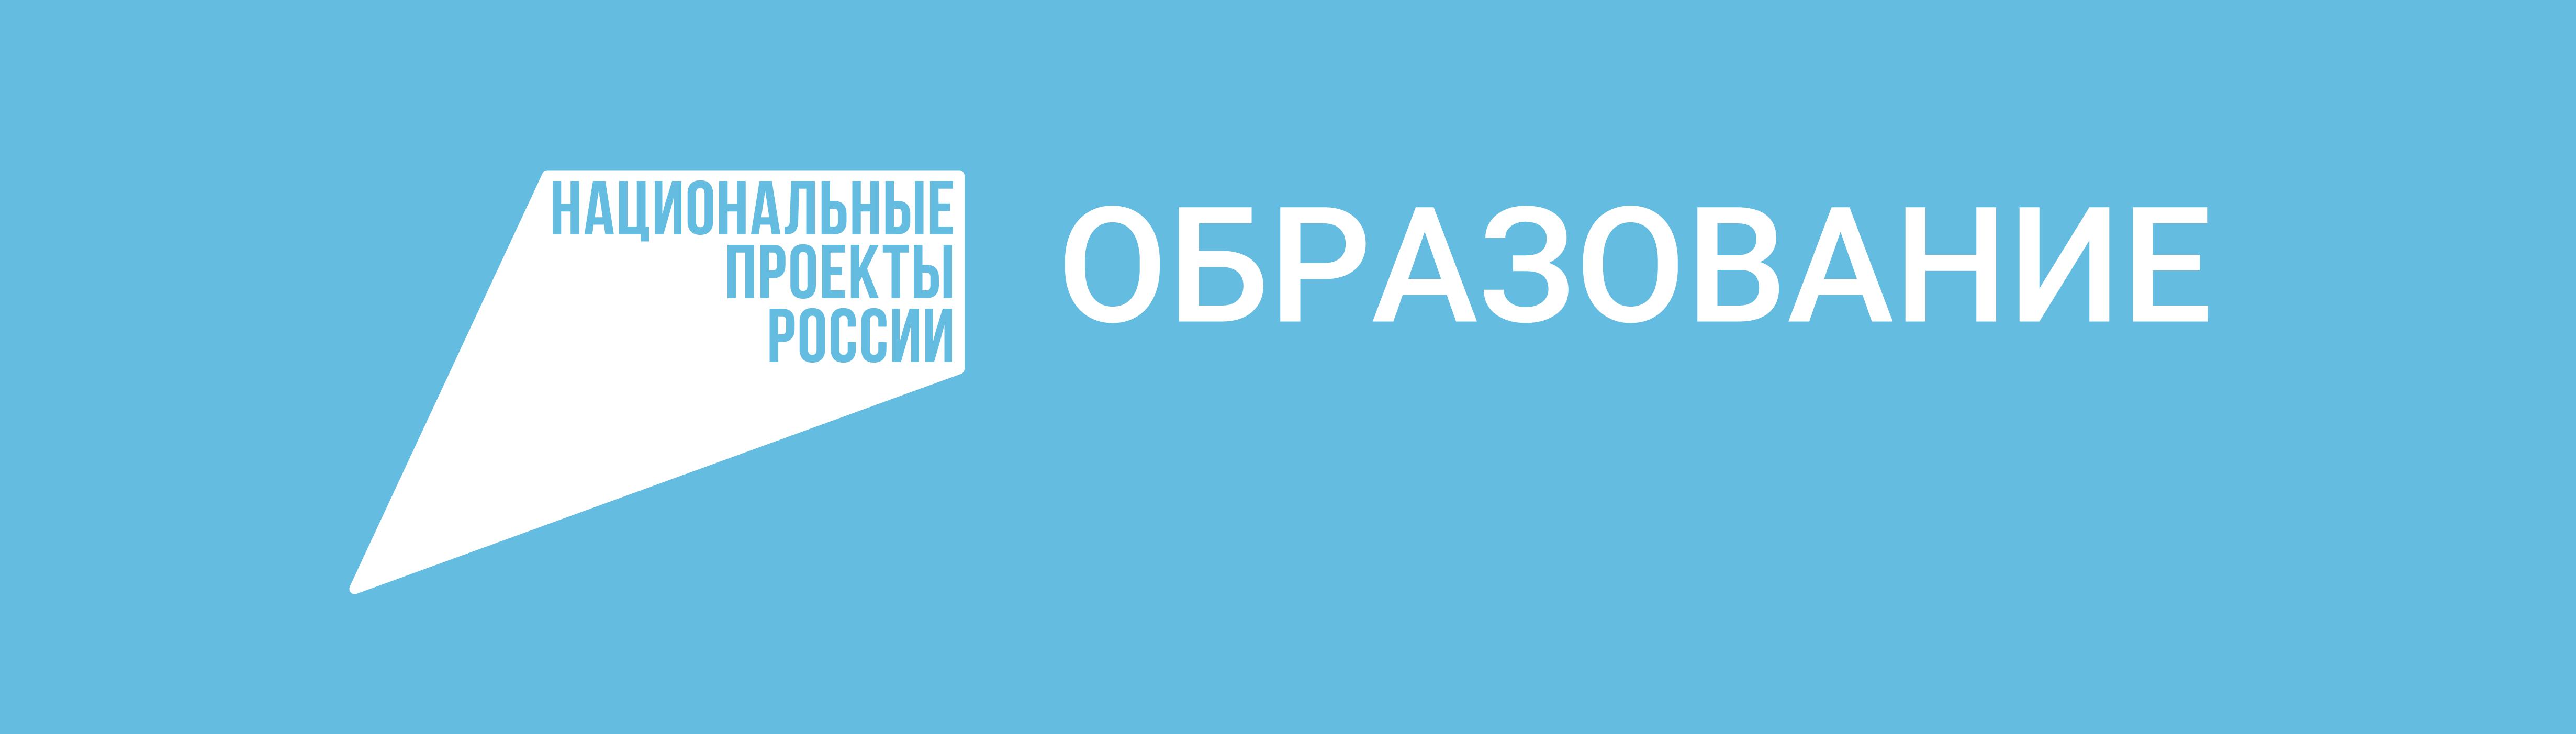 В 2021 году запланирован капитальный ремонт спортивного зала  филиала МАОУ «Приданниковская СОШ»— Александровская ООШ